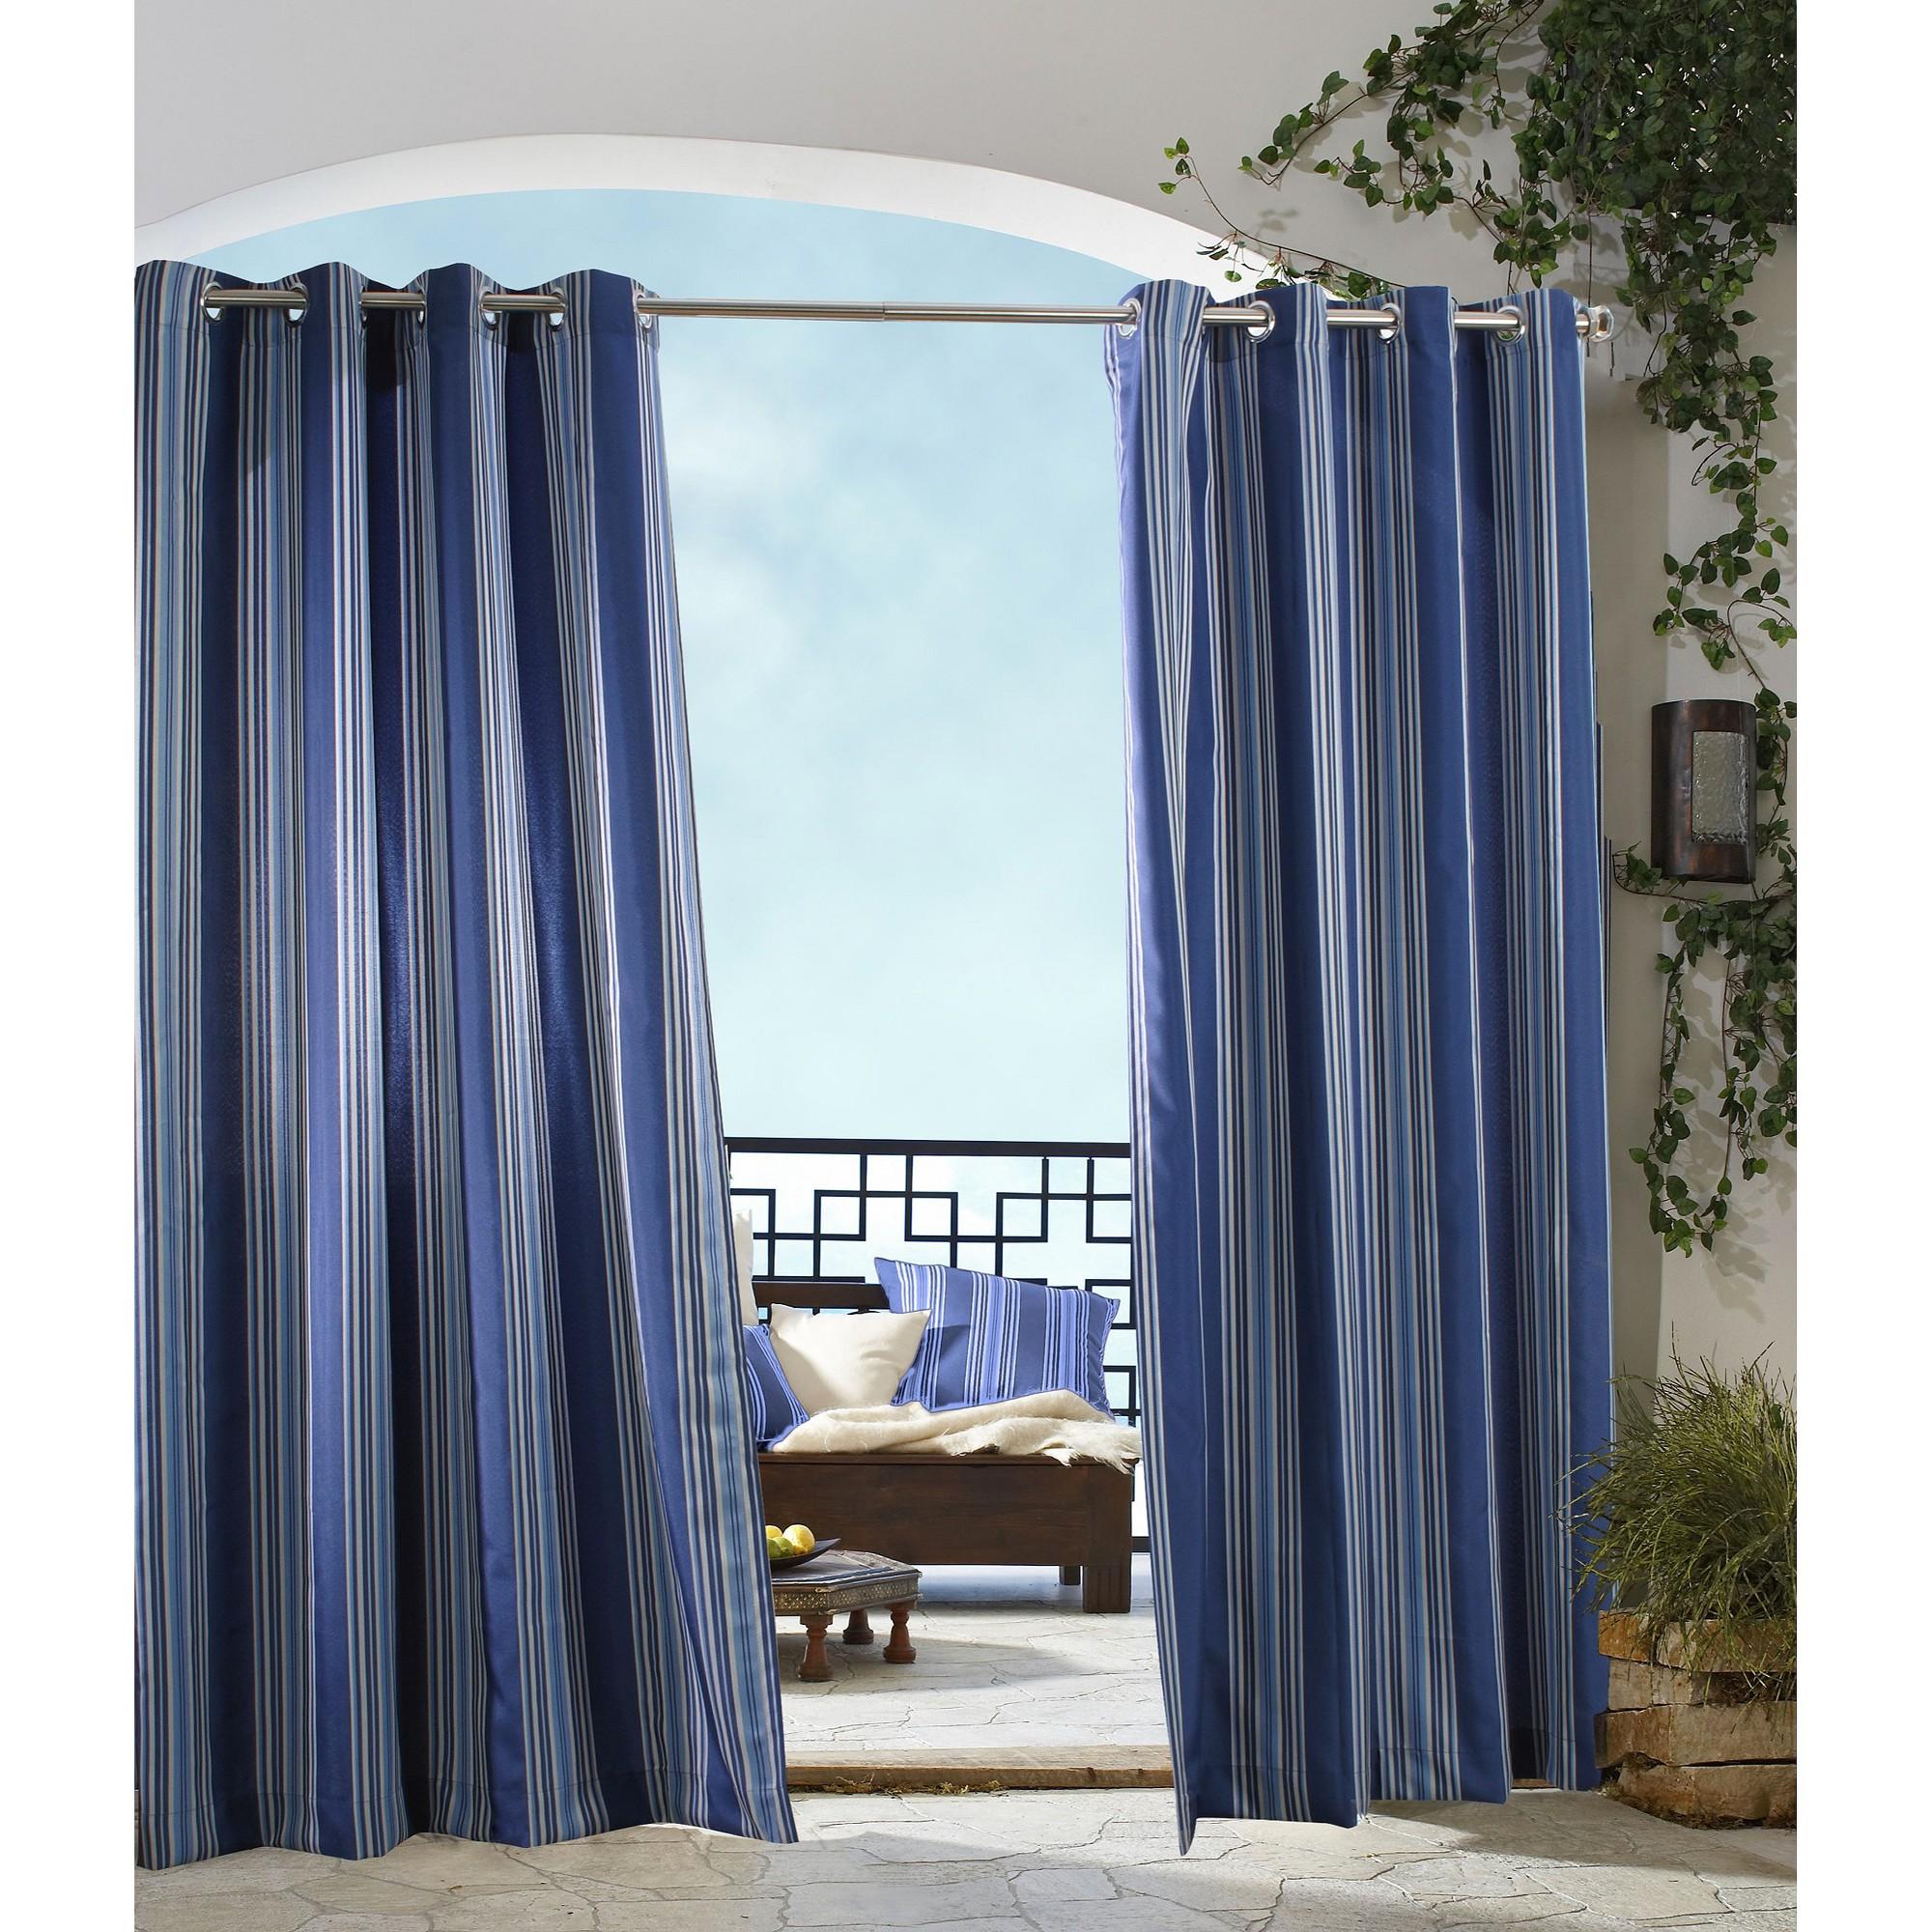 'Outdoor Décor Gazebo Stripe Indoor/Outdoor Grommet Top Curtain Panel - Blue (50''x96''), Size: 50x96'''